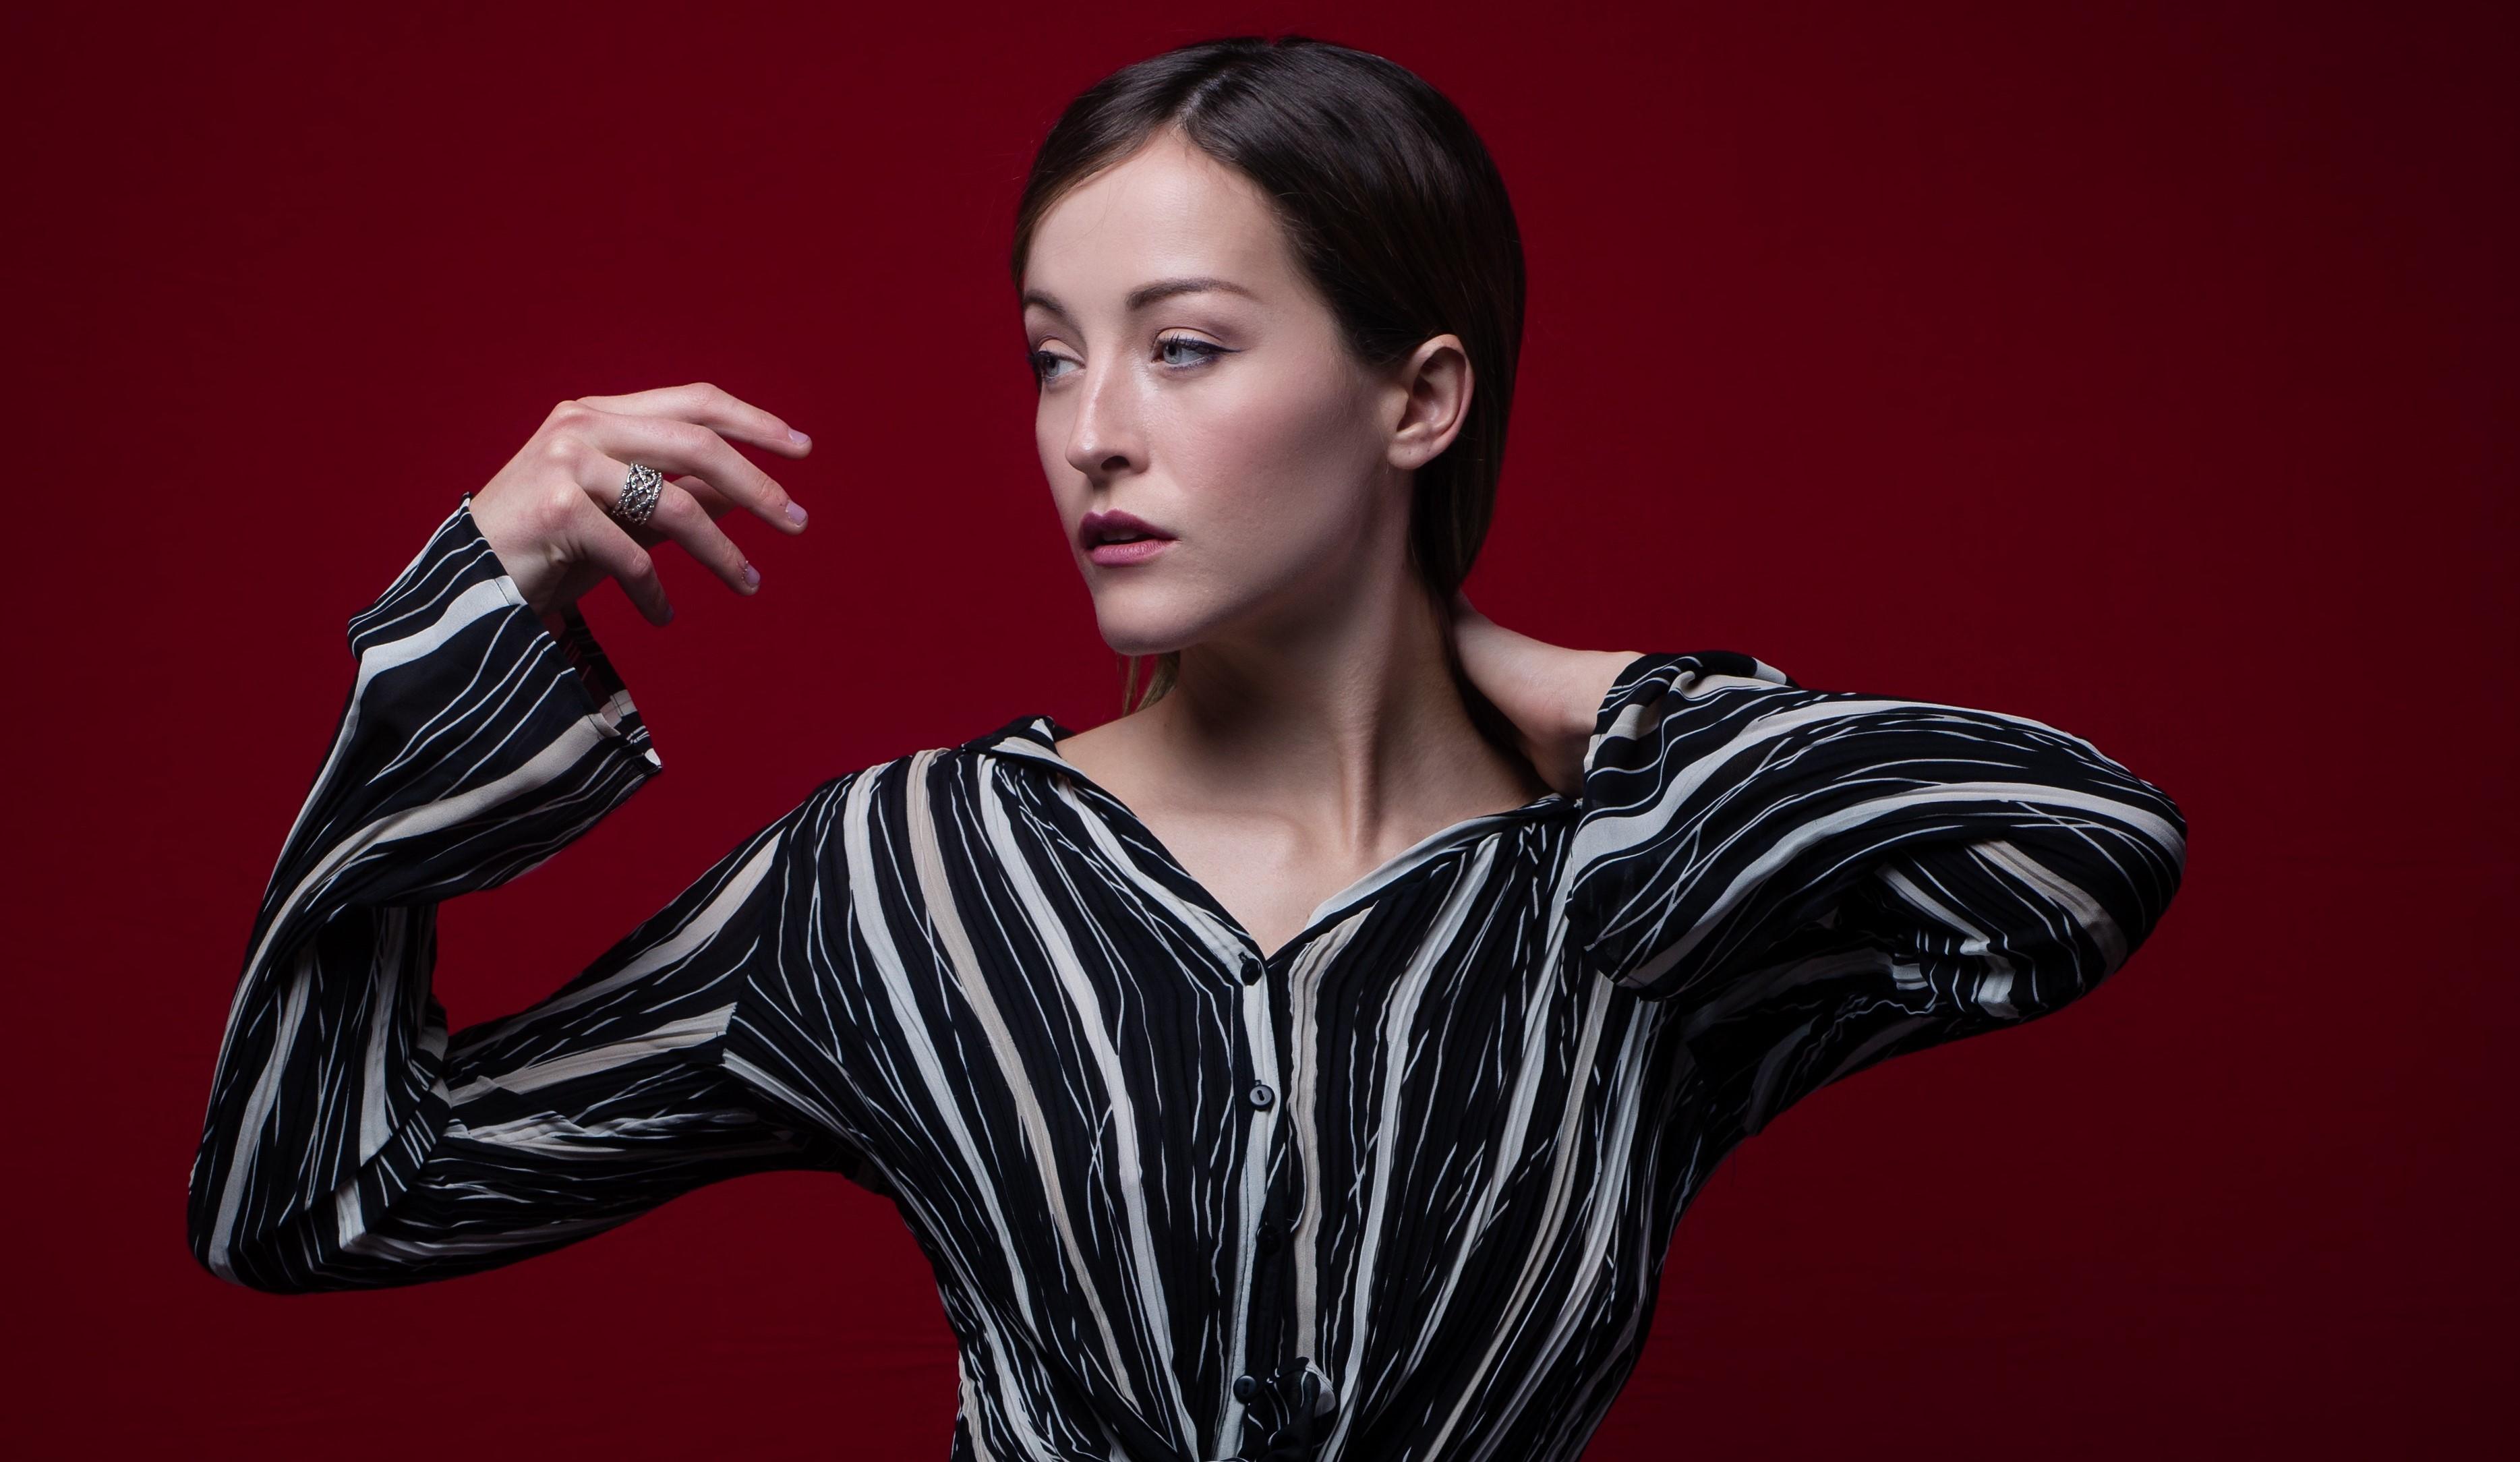 Model_Kaylee_Knight_Crop